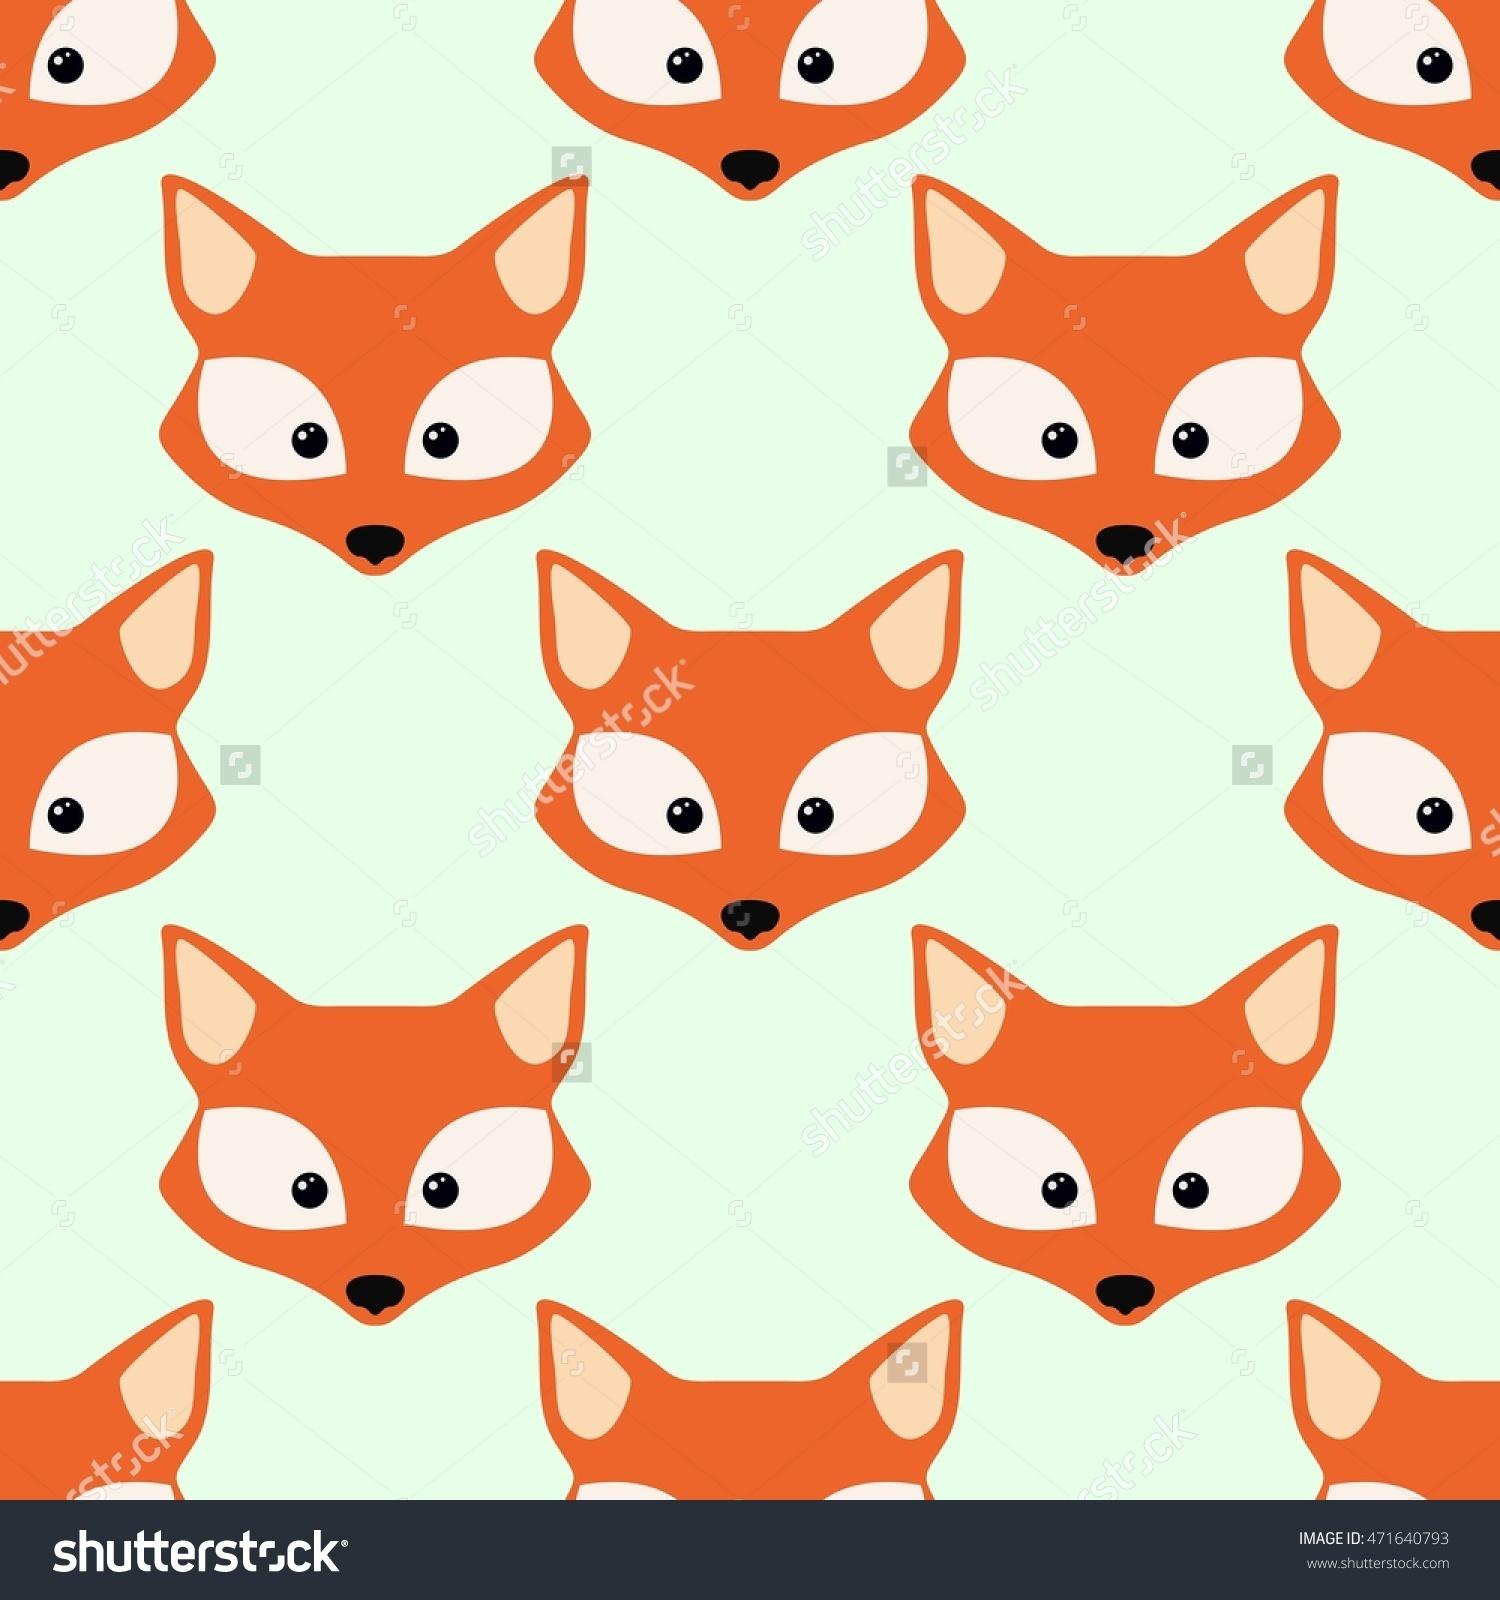 Cute Fox Face Seamless Wallpaper Stock Vector 471640793.